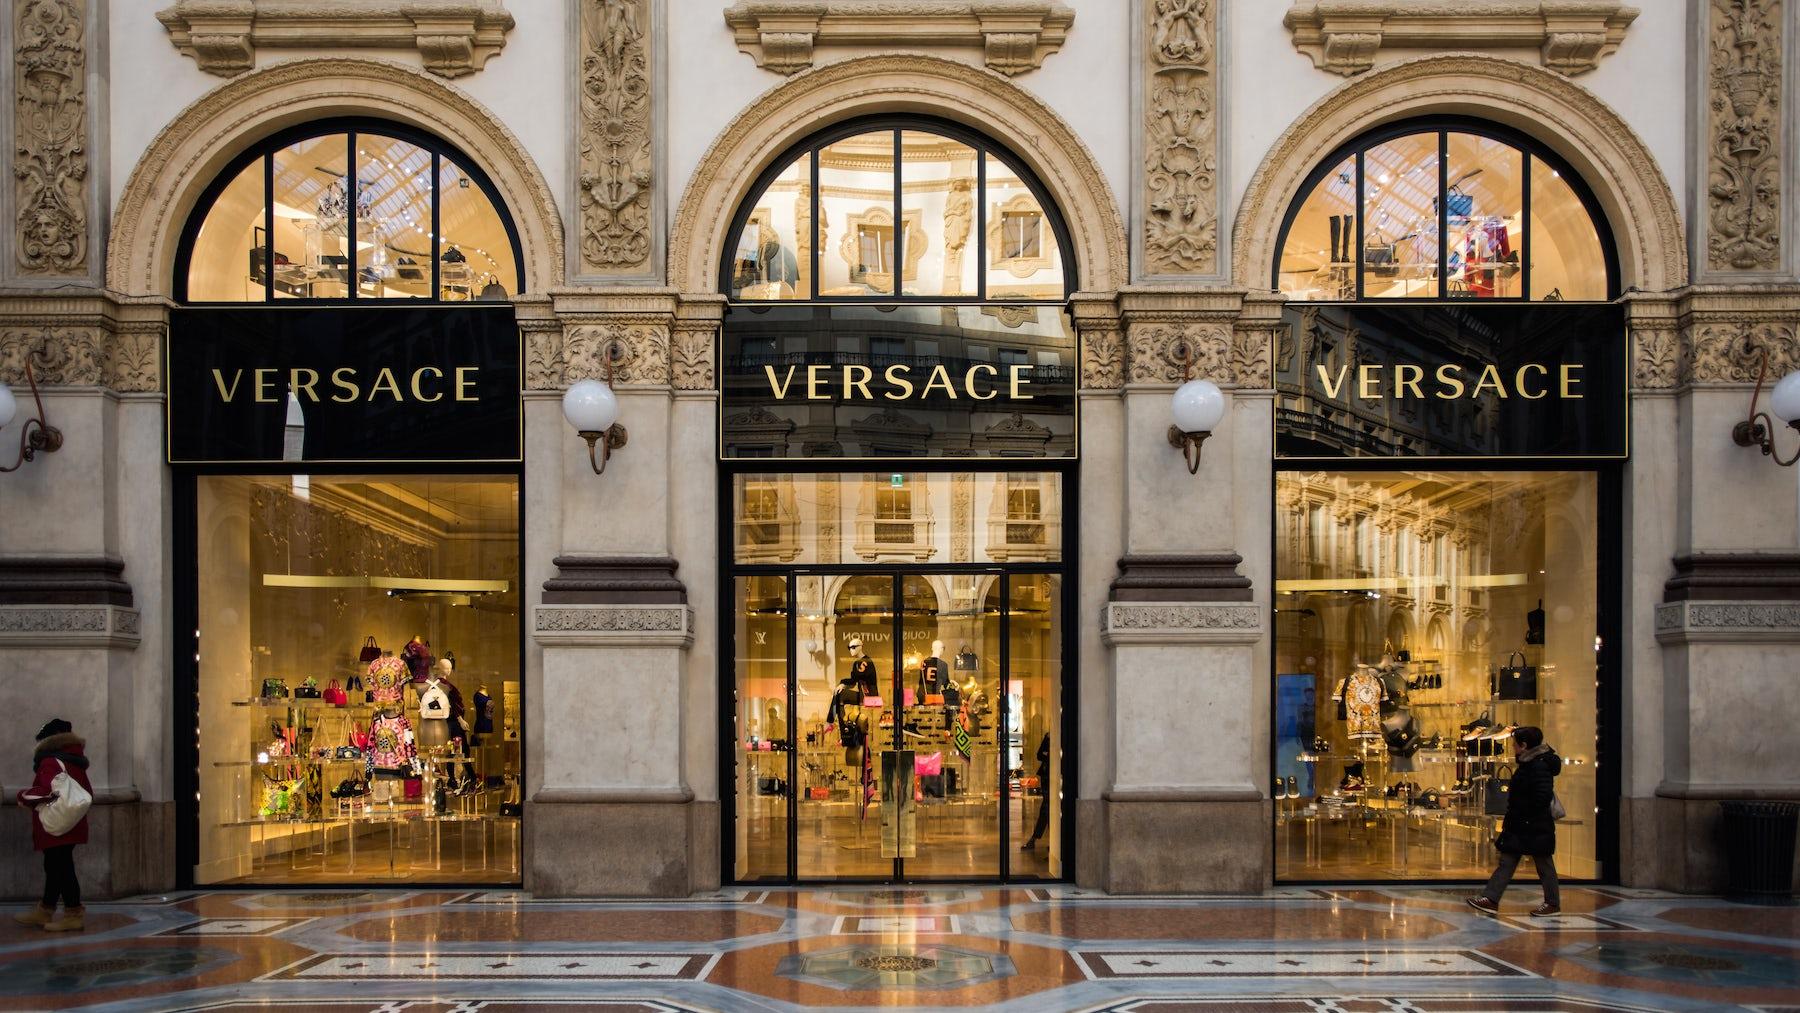 Versace store | Source: Shutterstock